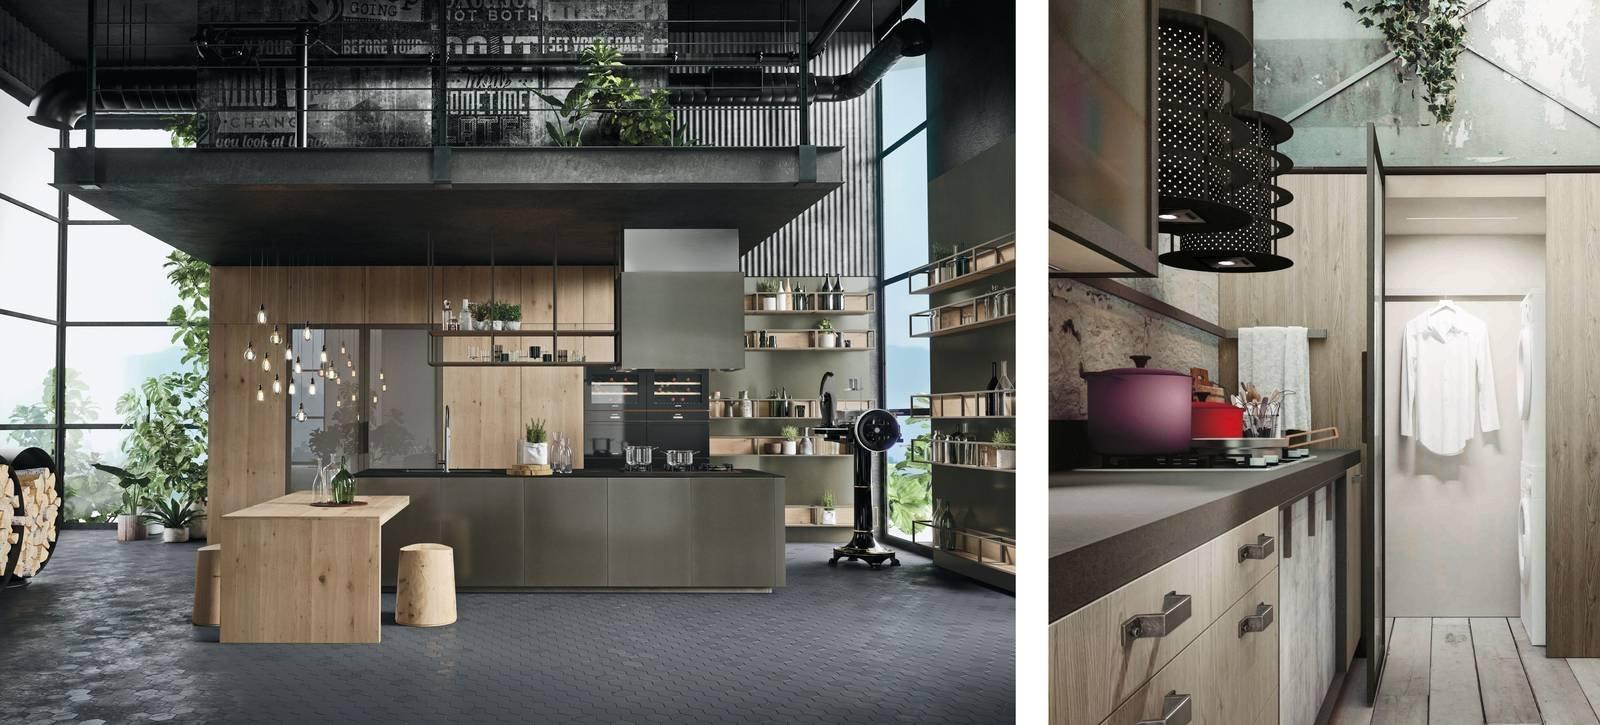 Dentro i mobili della cucina spazio in pi facile da - Furgone attrezzato con cucina ...